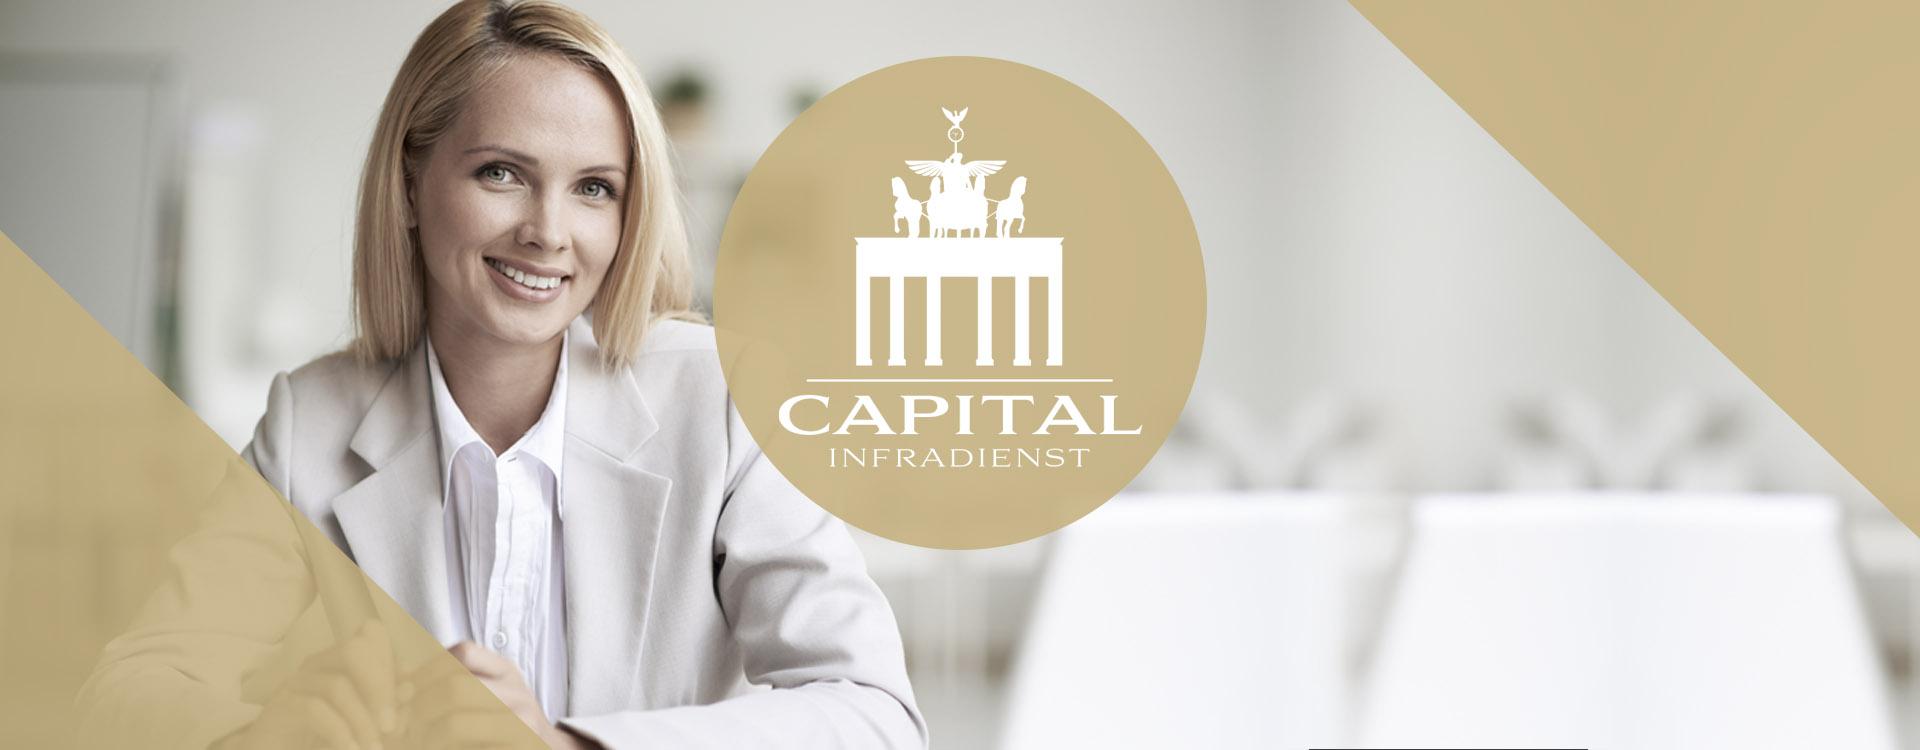 capital-infradienst-slider-ueber-uns